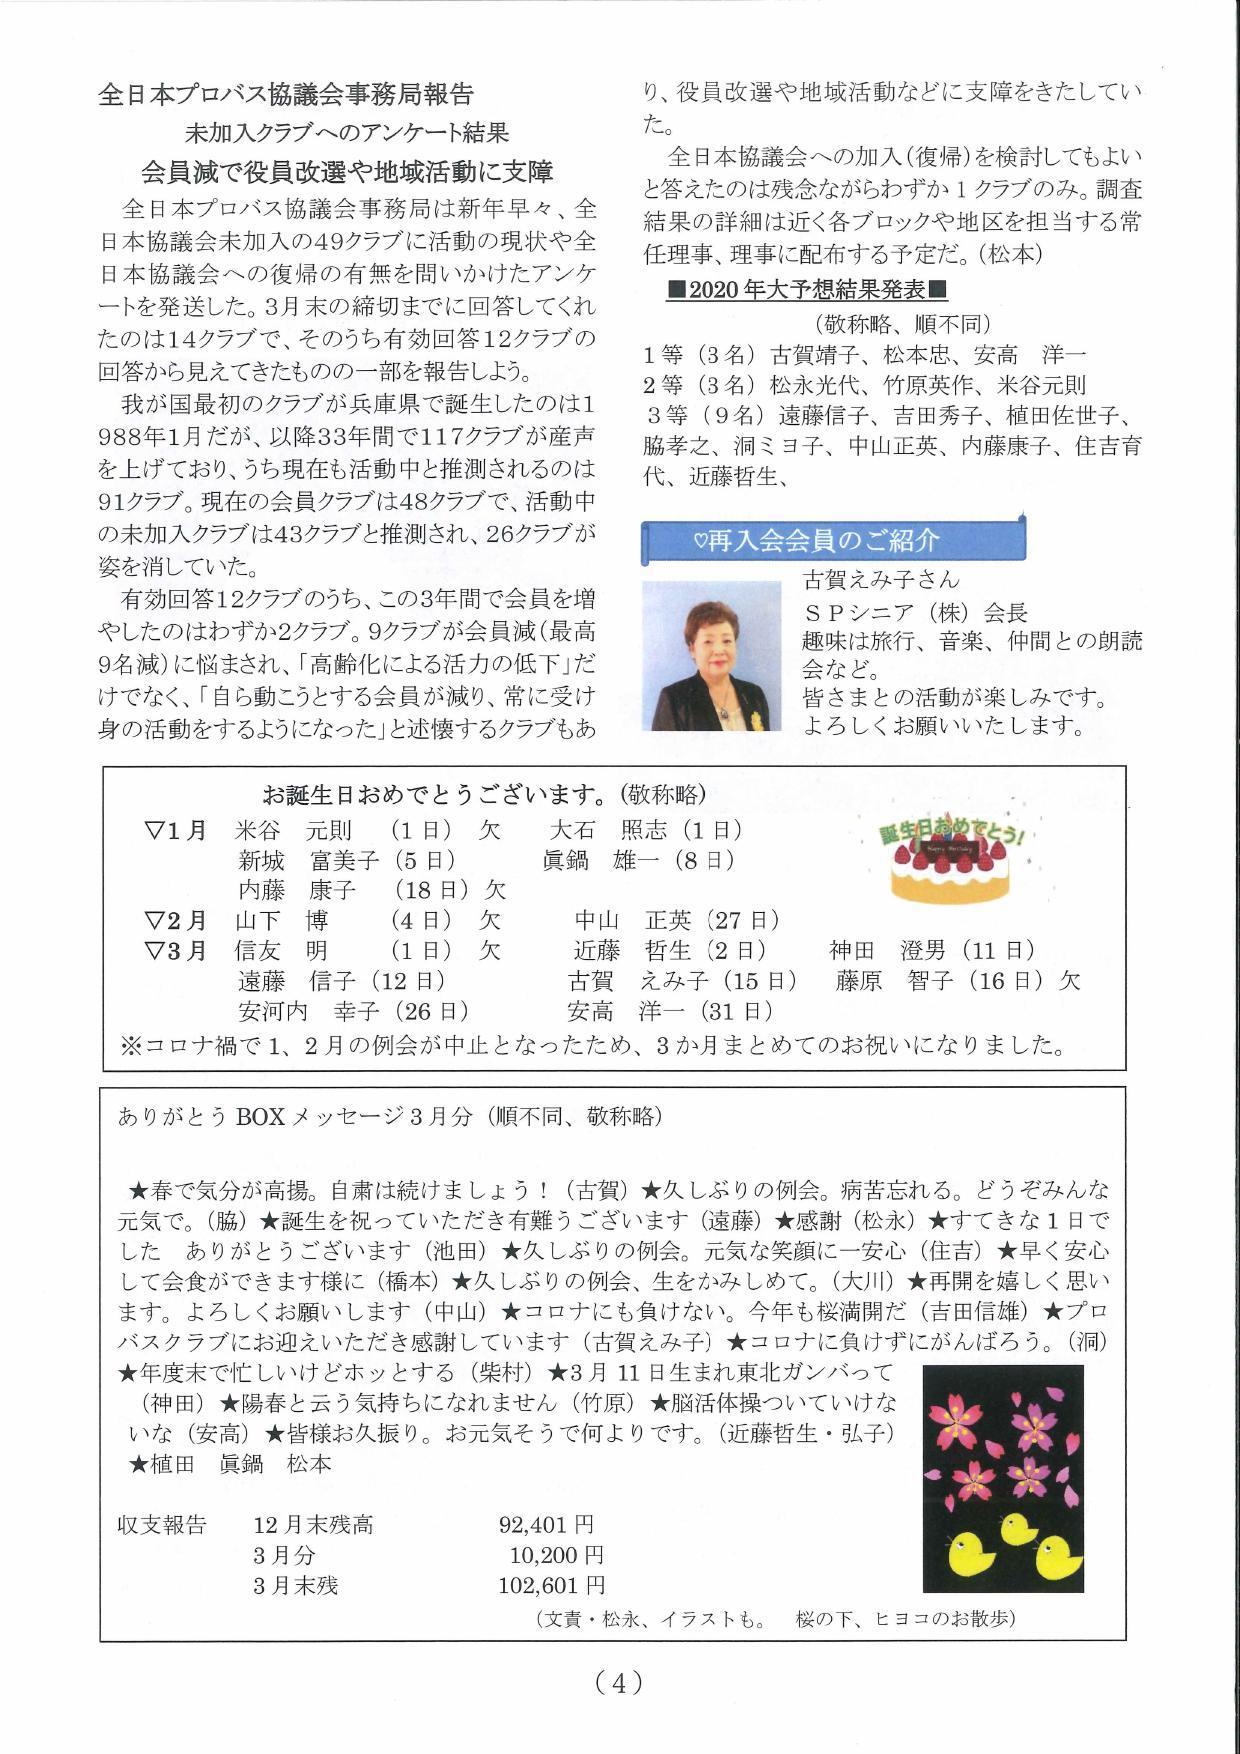 北九州プロバスクラブ月報 「つながり」No.178 令和3年4月号_b0000714_15554936.jpg